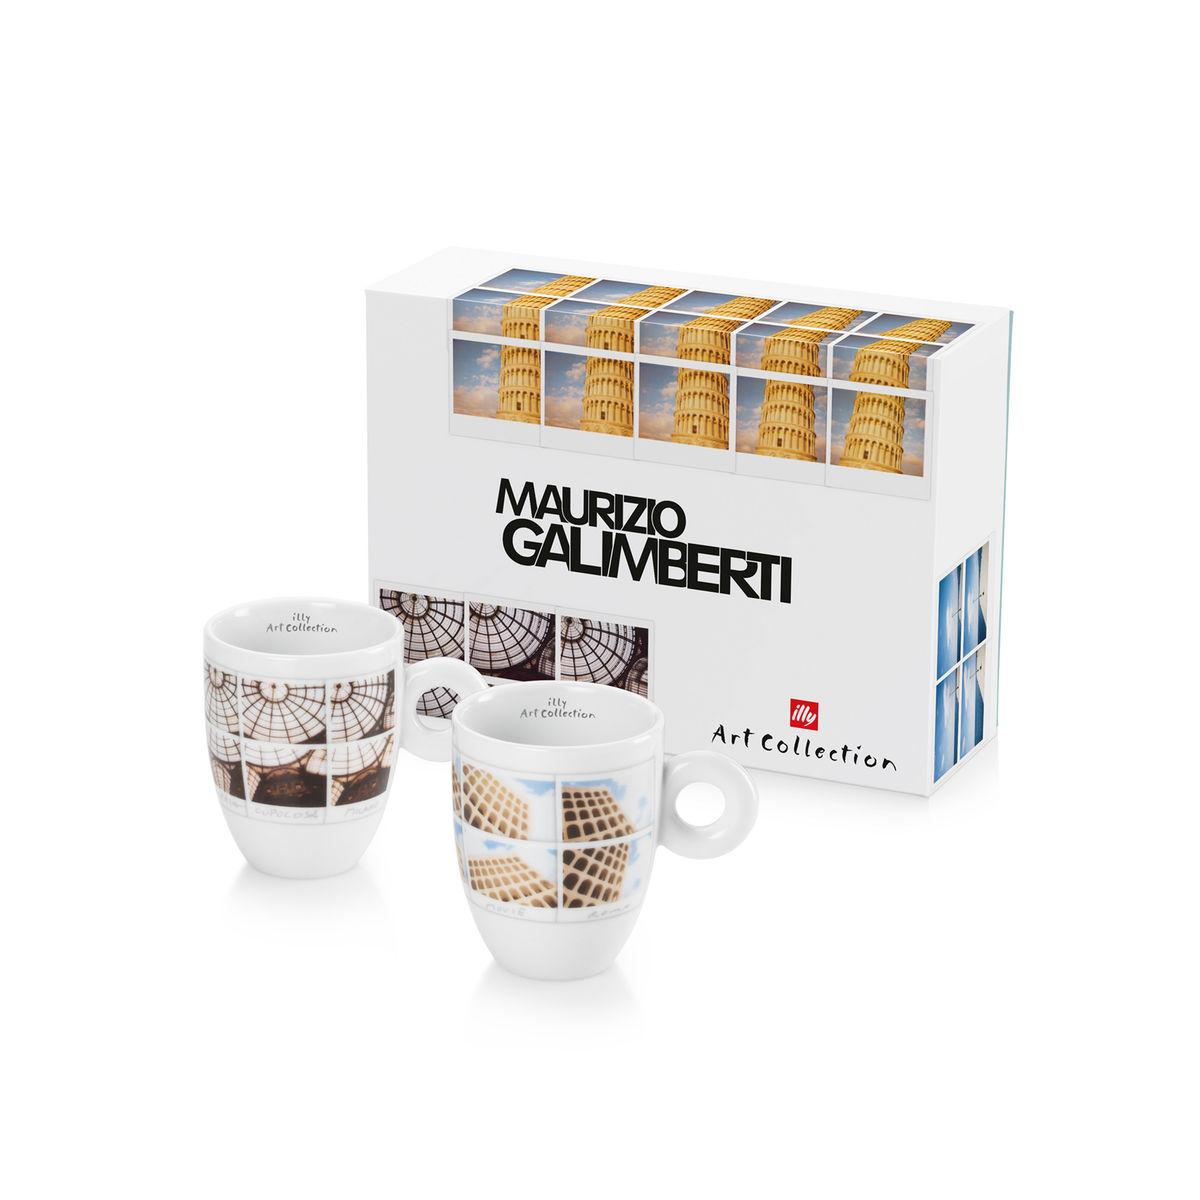 Illy Maurizio Galimberti Mug Cups (box/2pcs)